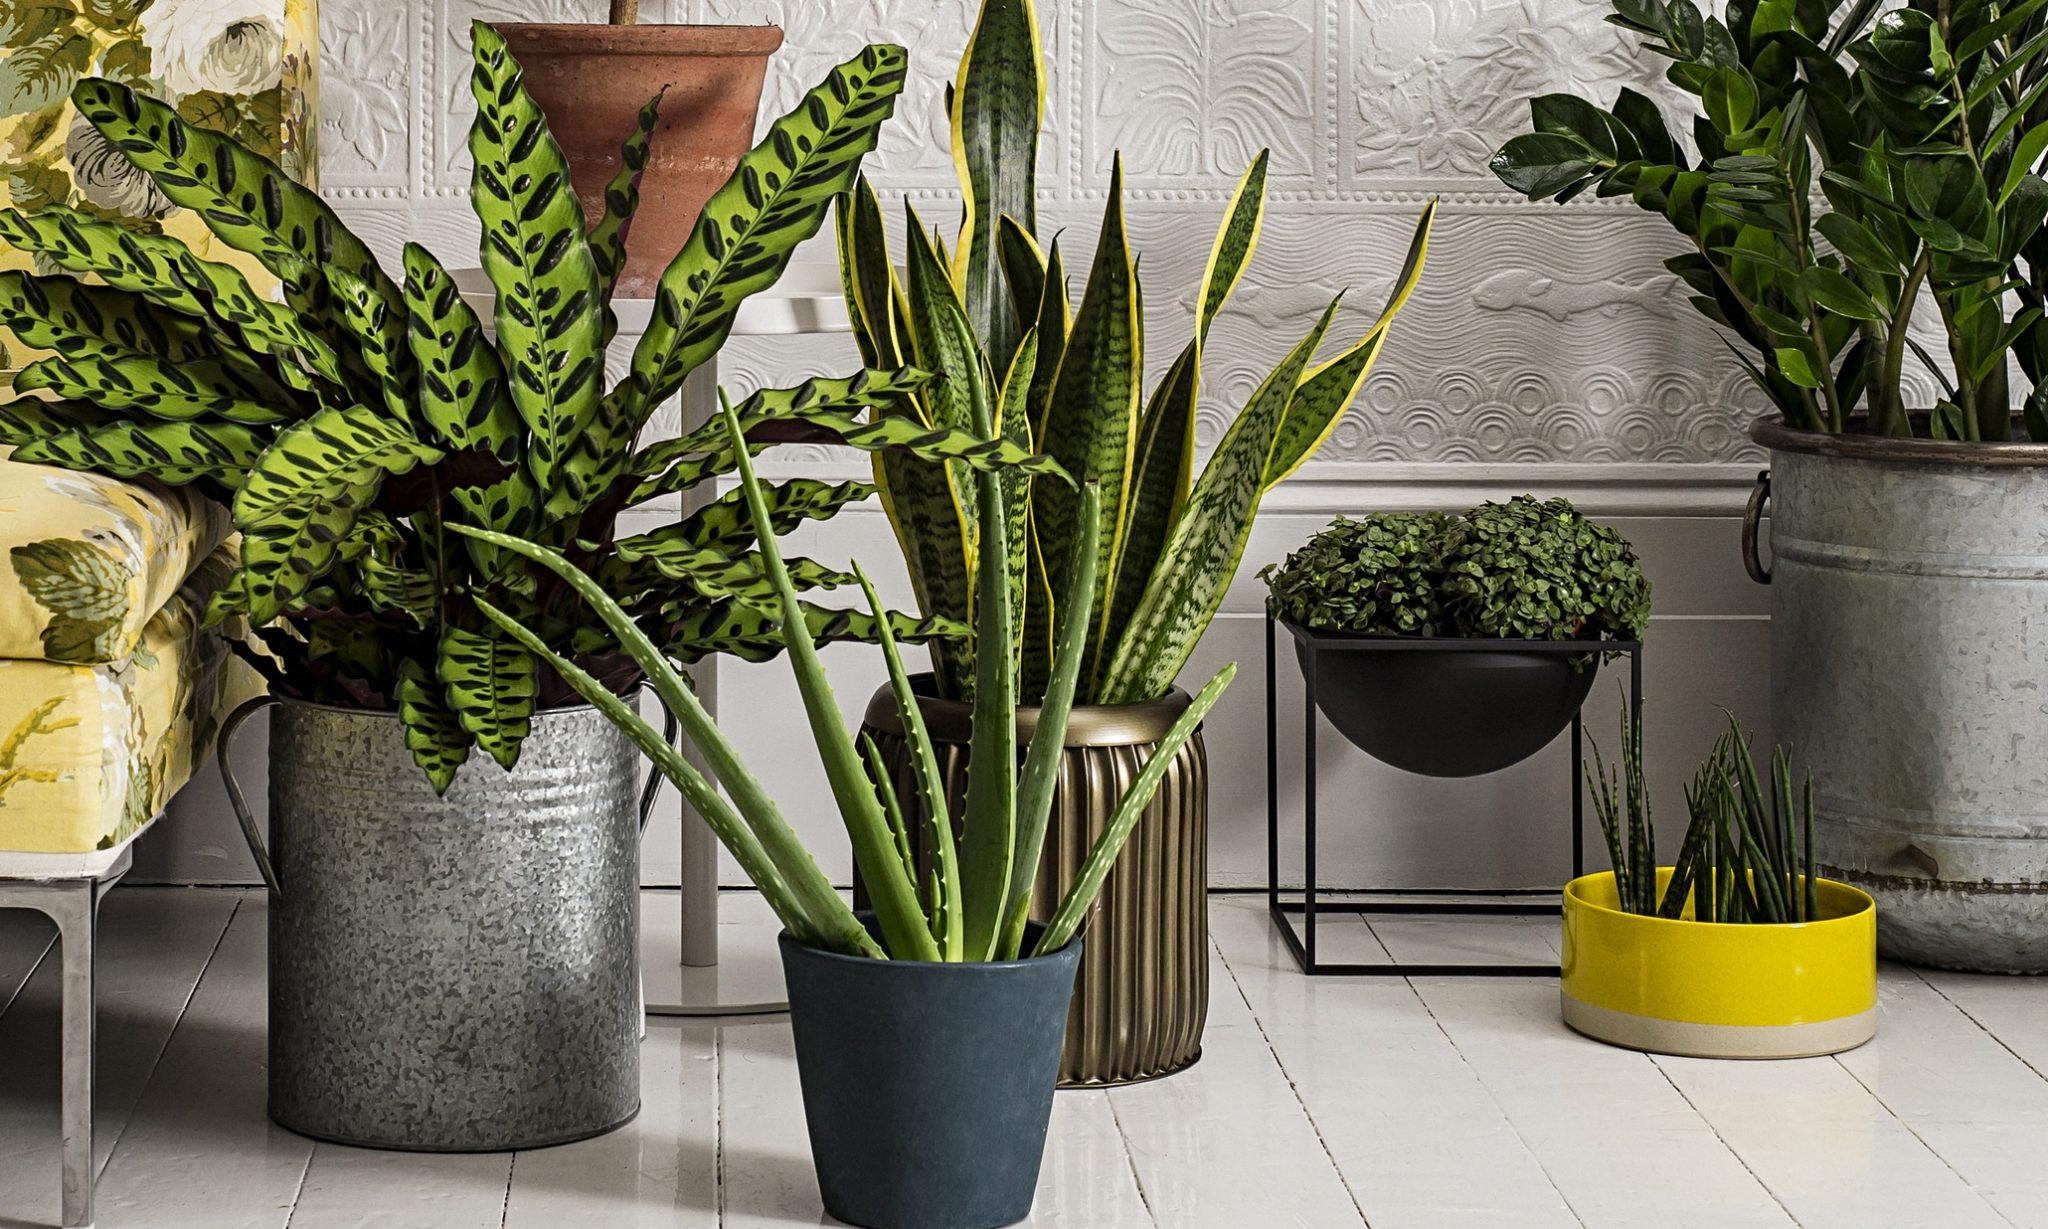 مراقبت از گیاهان آپارتمانی-درست مصرف کنیم - آموزش همگانی - آگاهی مصرف